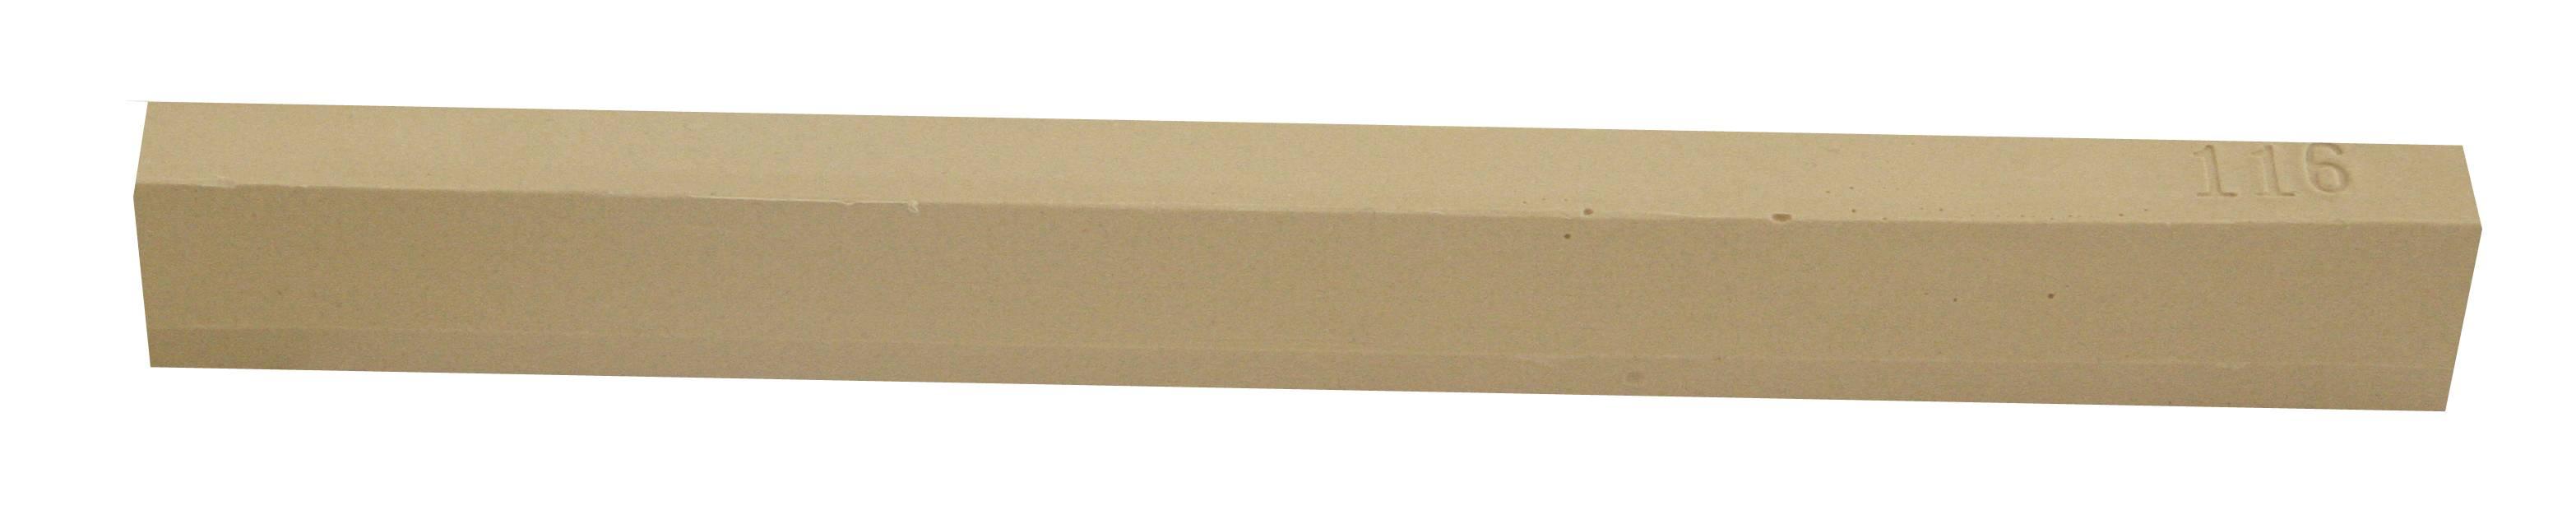 Воск мягкий Decomaster Бежевый Stuccorapido 116 от Stroyshopper